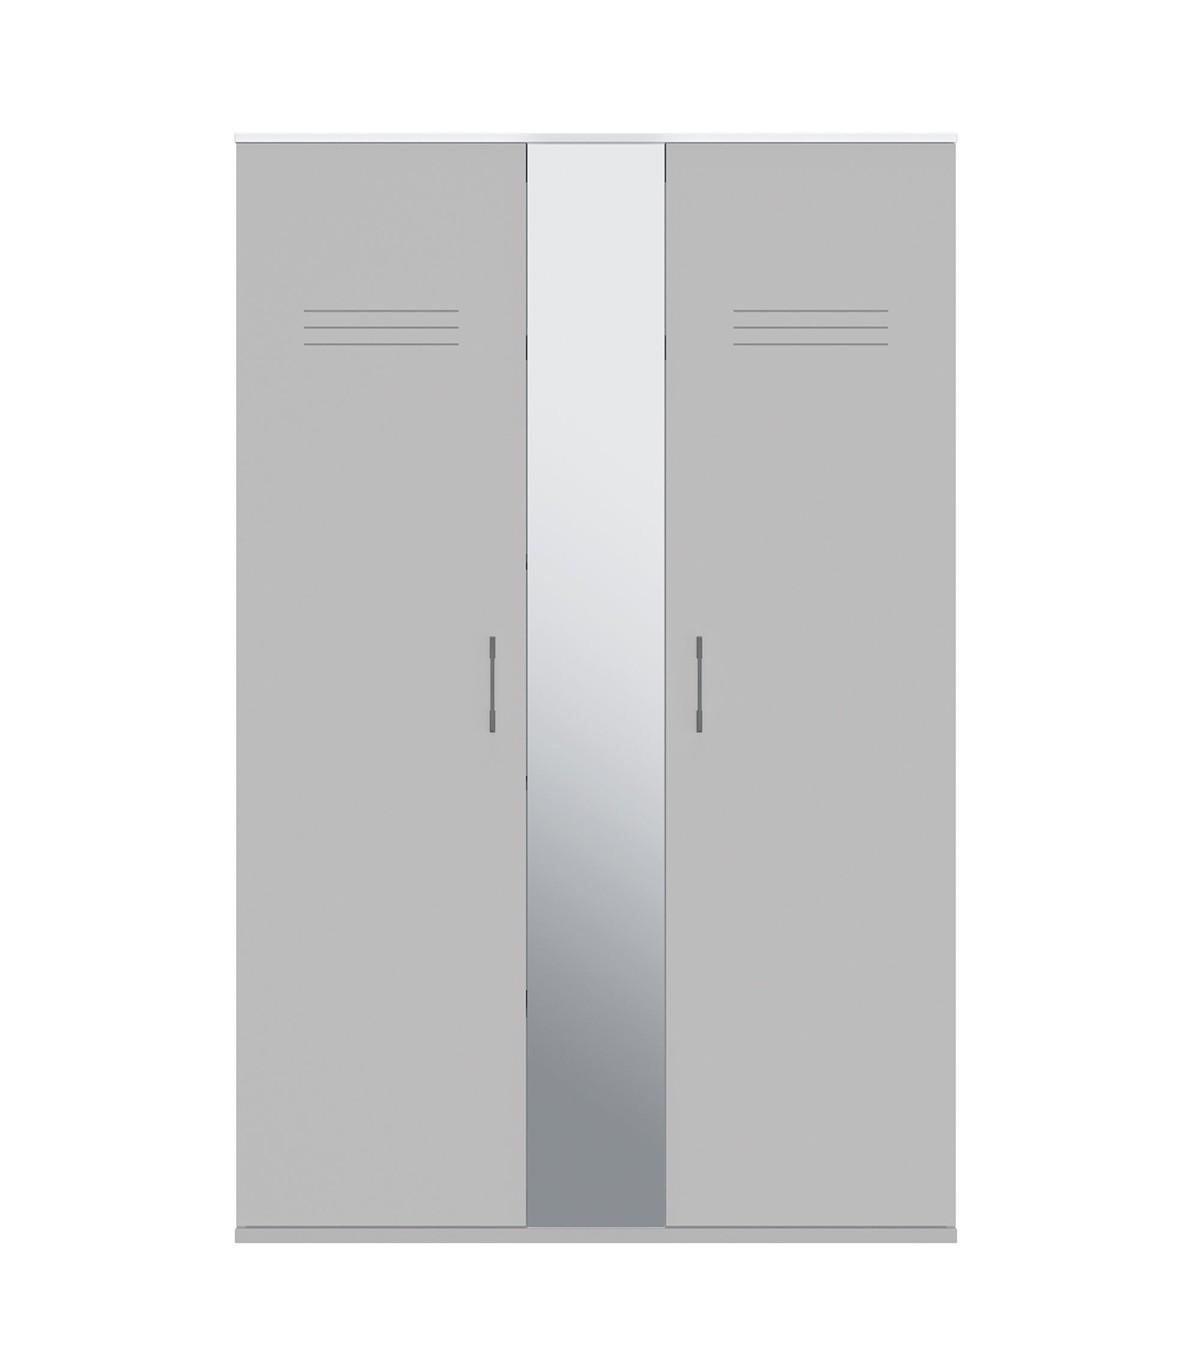 Armoire 2 portes et miroir central - Gris